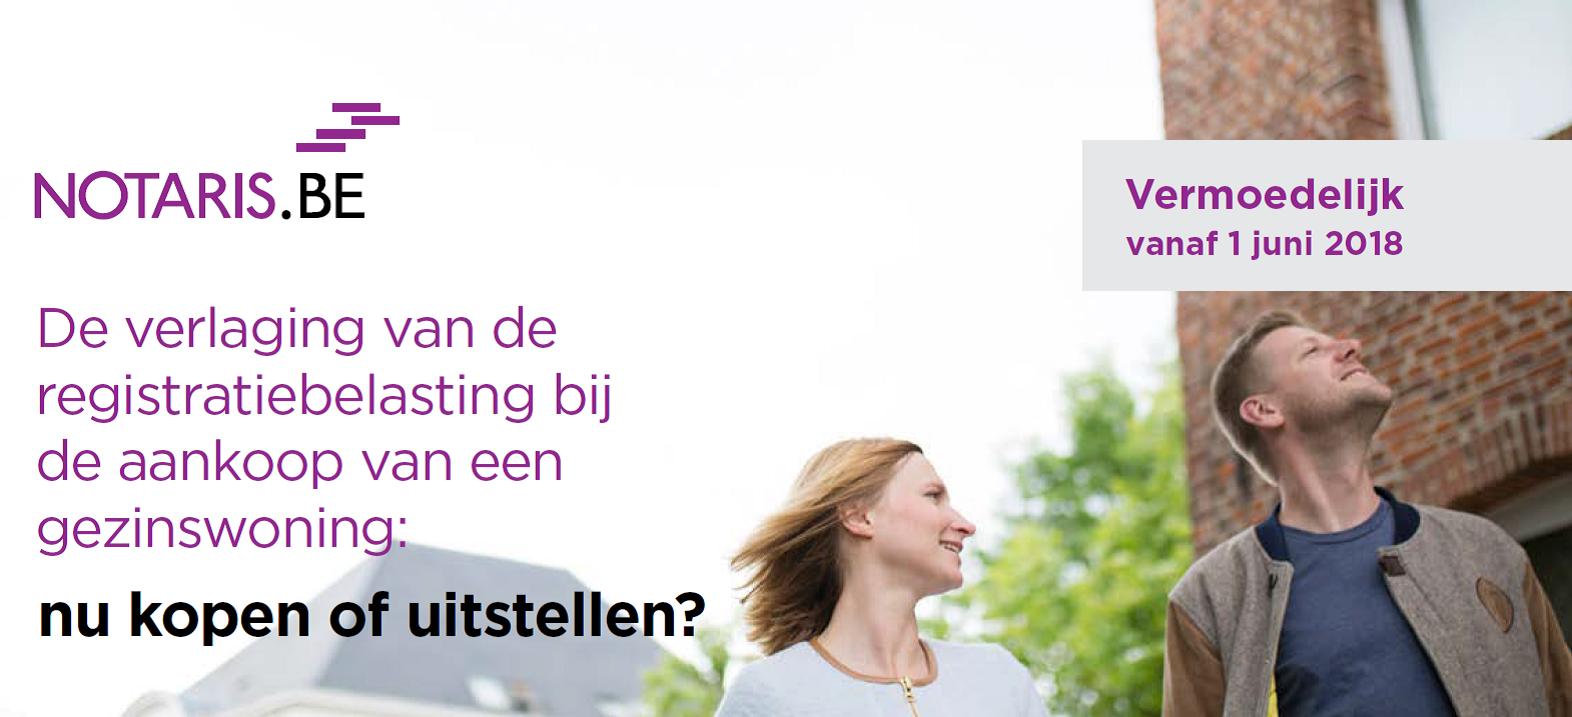 Een woning kopen in Vlaanderen: meteen in actie schieten of nog even uitstellen?